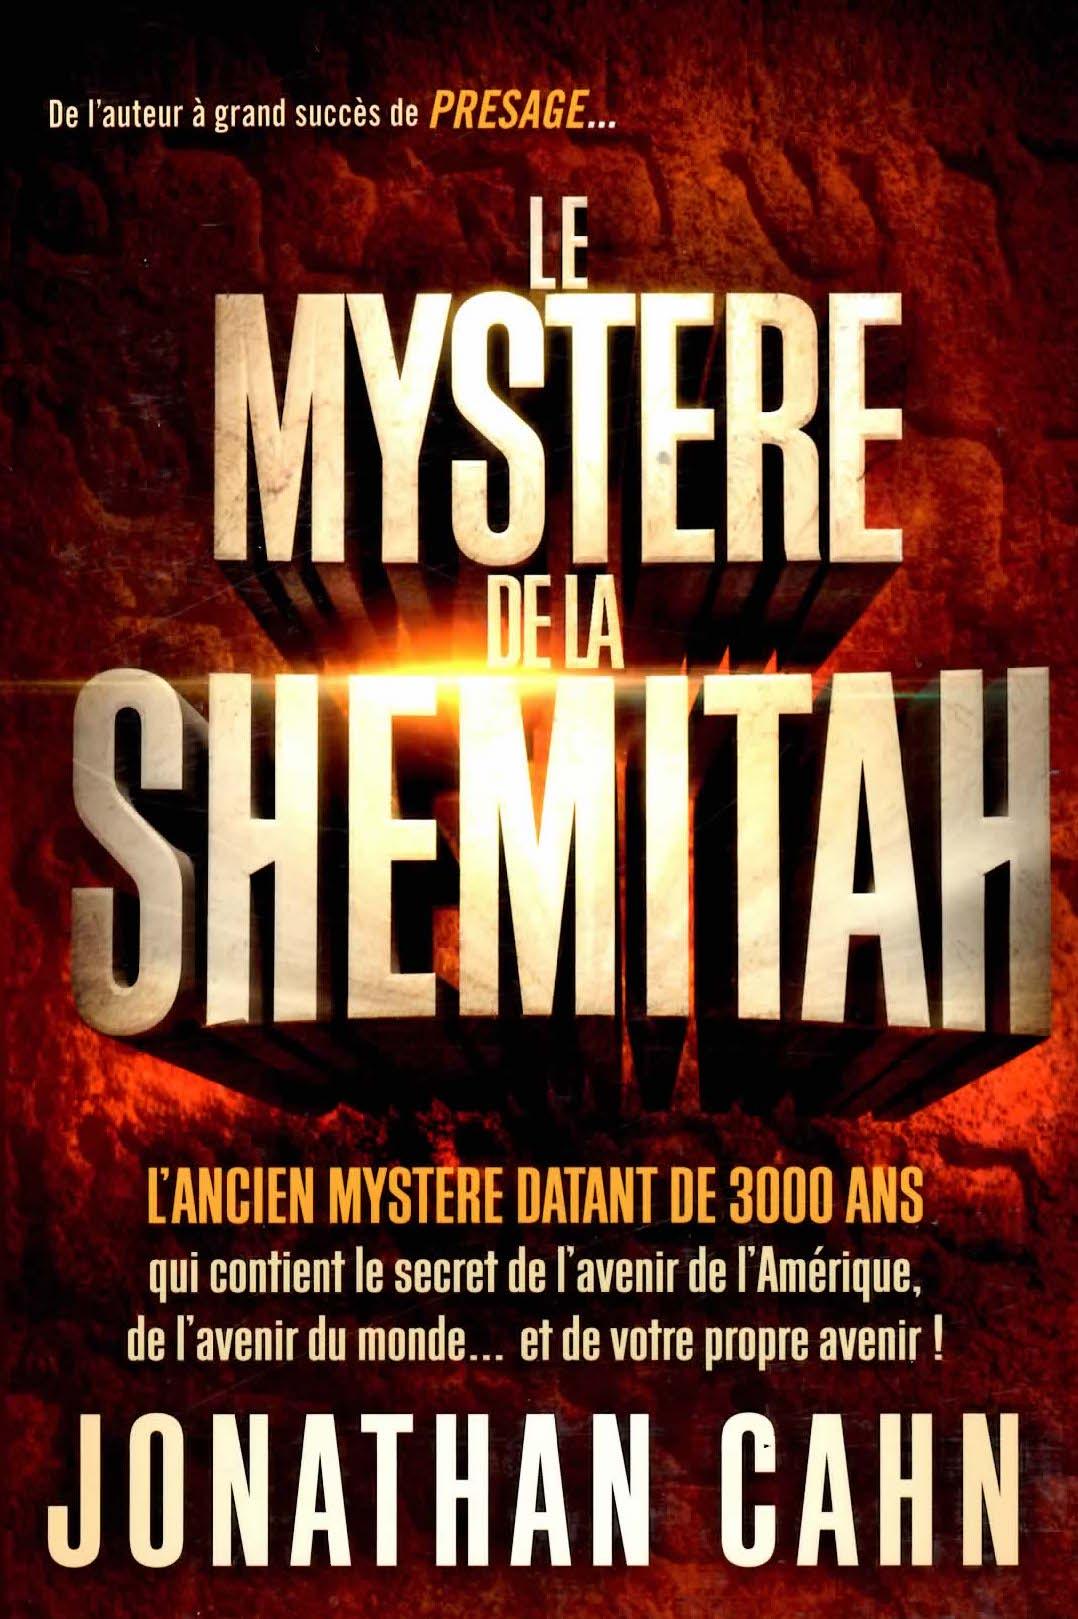 https://painsurleseaux.com/produit/le-mystere-de-la-shemitah-jonathan-cahn/